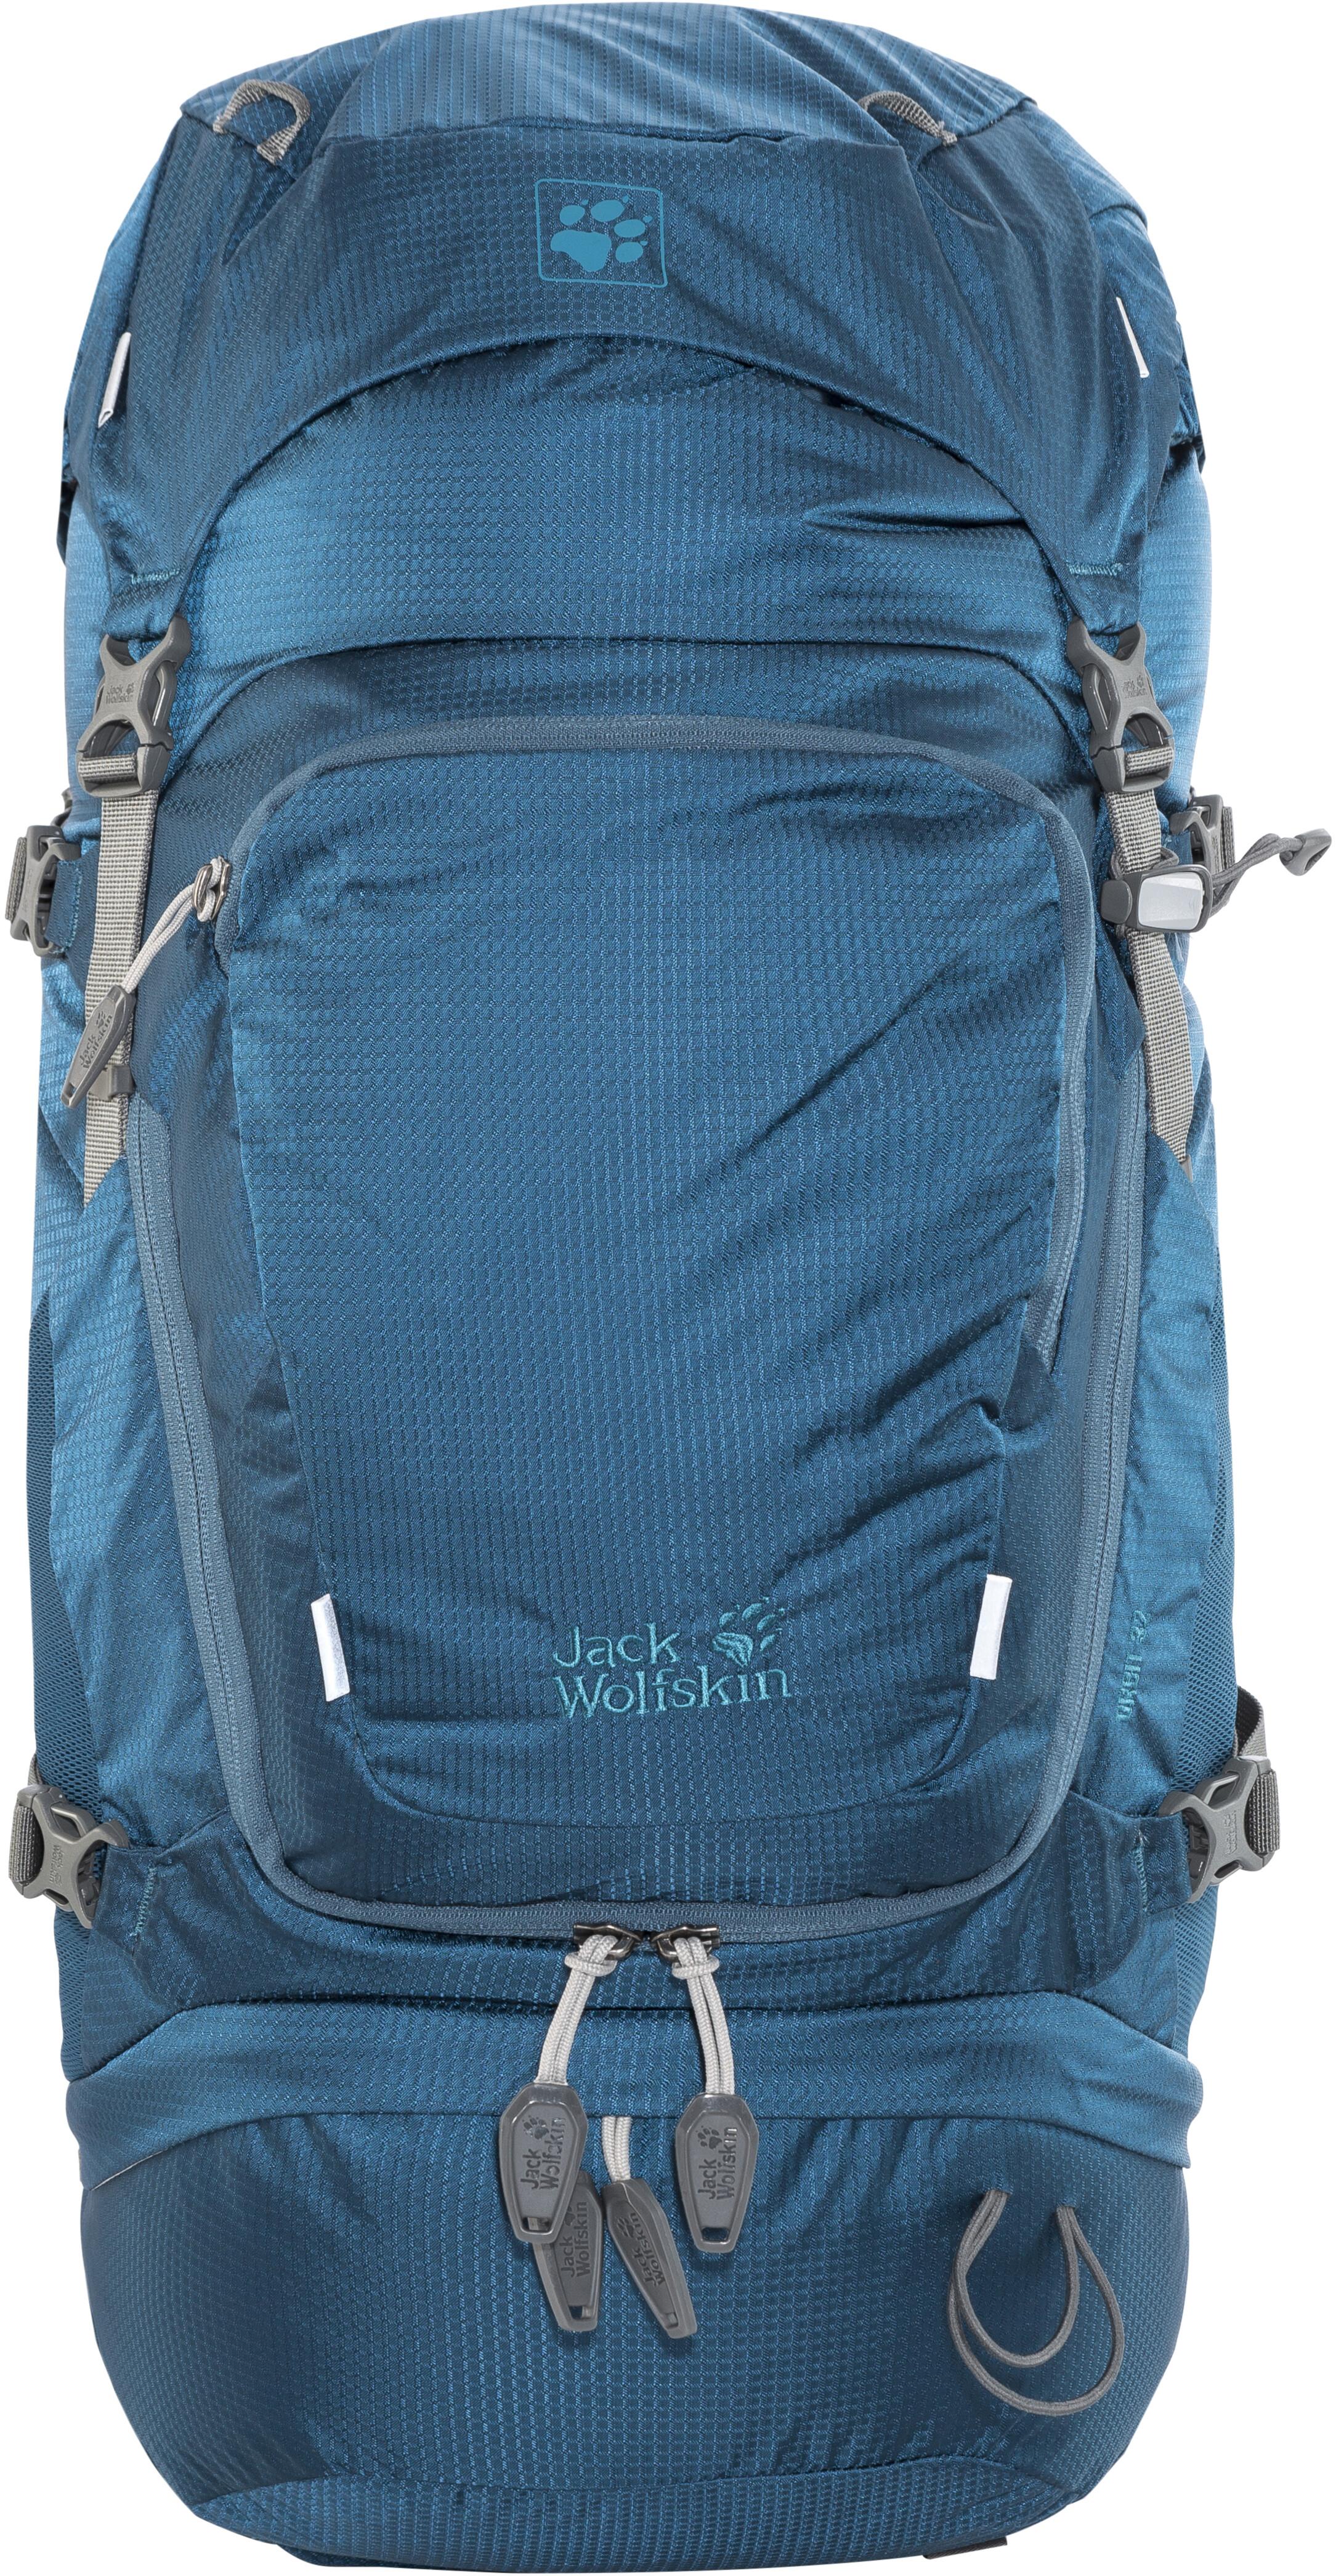 Jack Wolfskin Orbit 32 Backpack Women Teal At Jake Fleece Combie Blue Grey